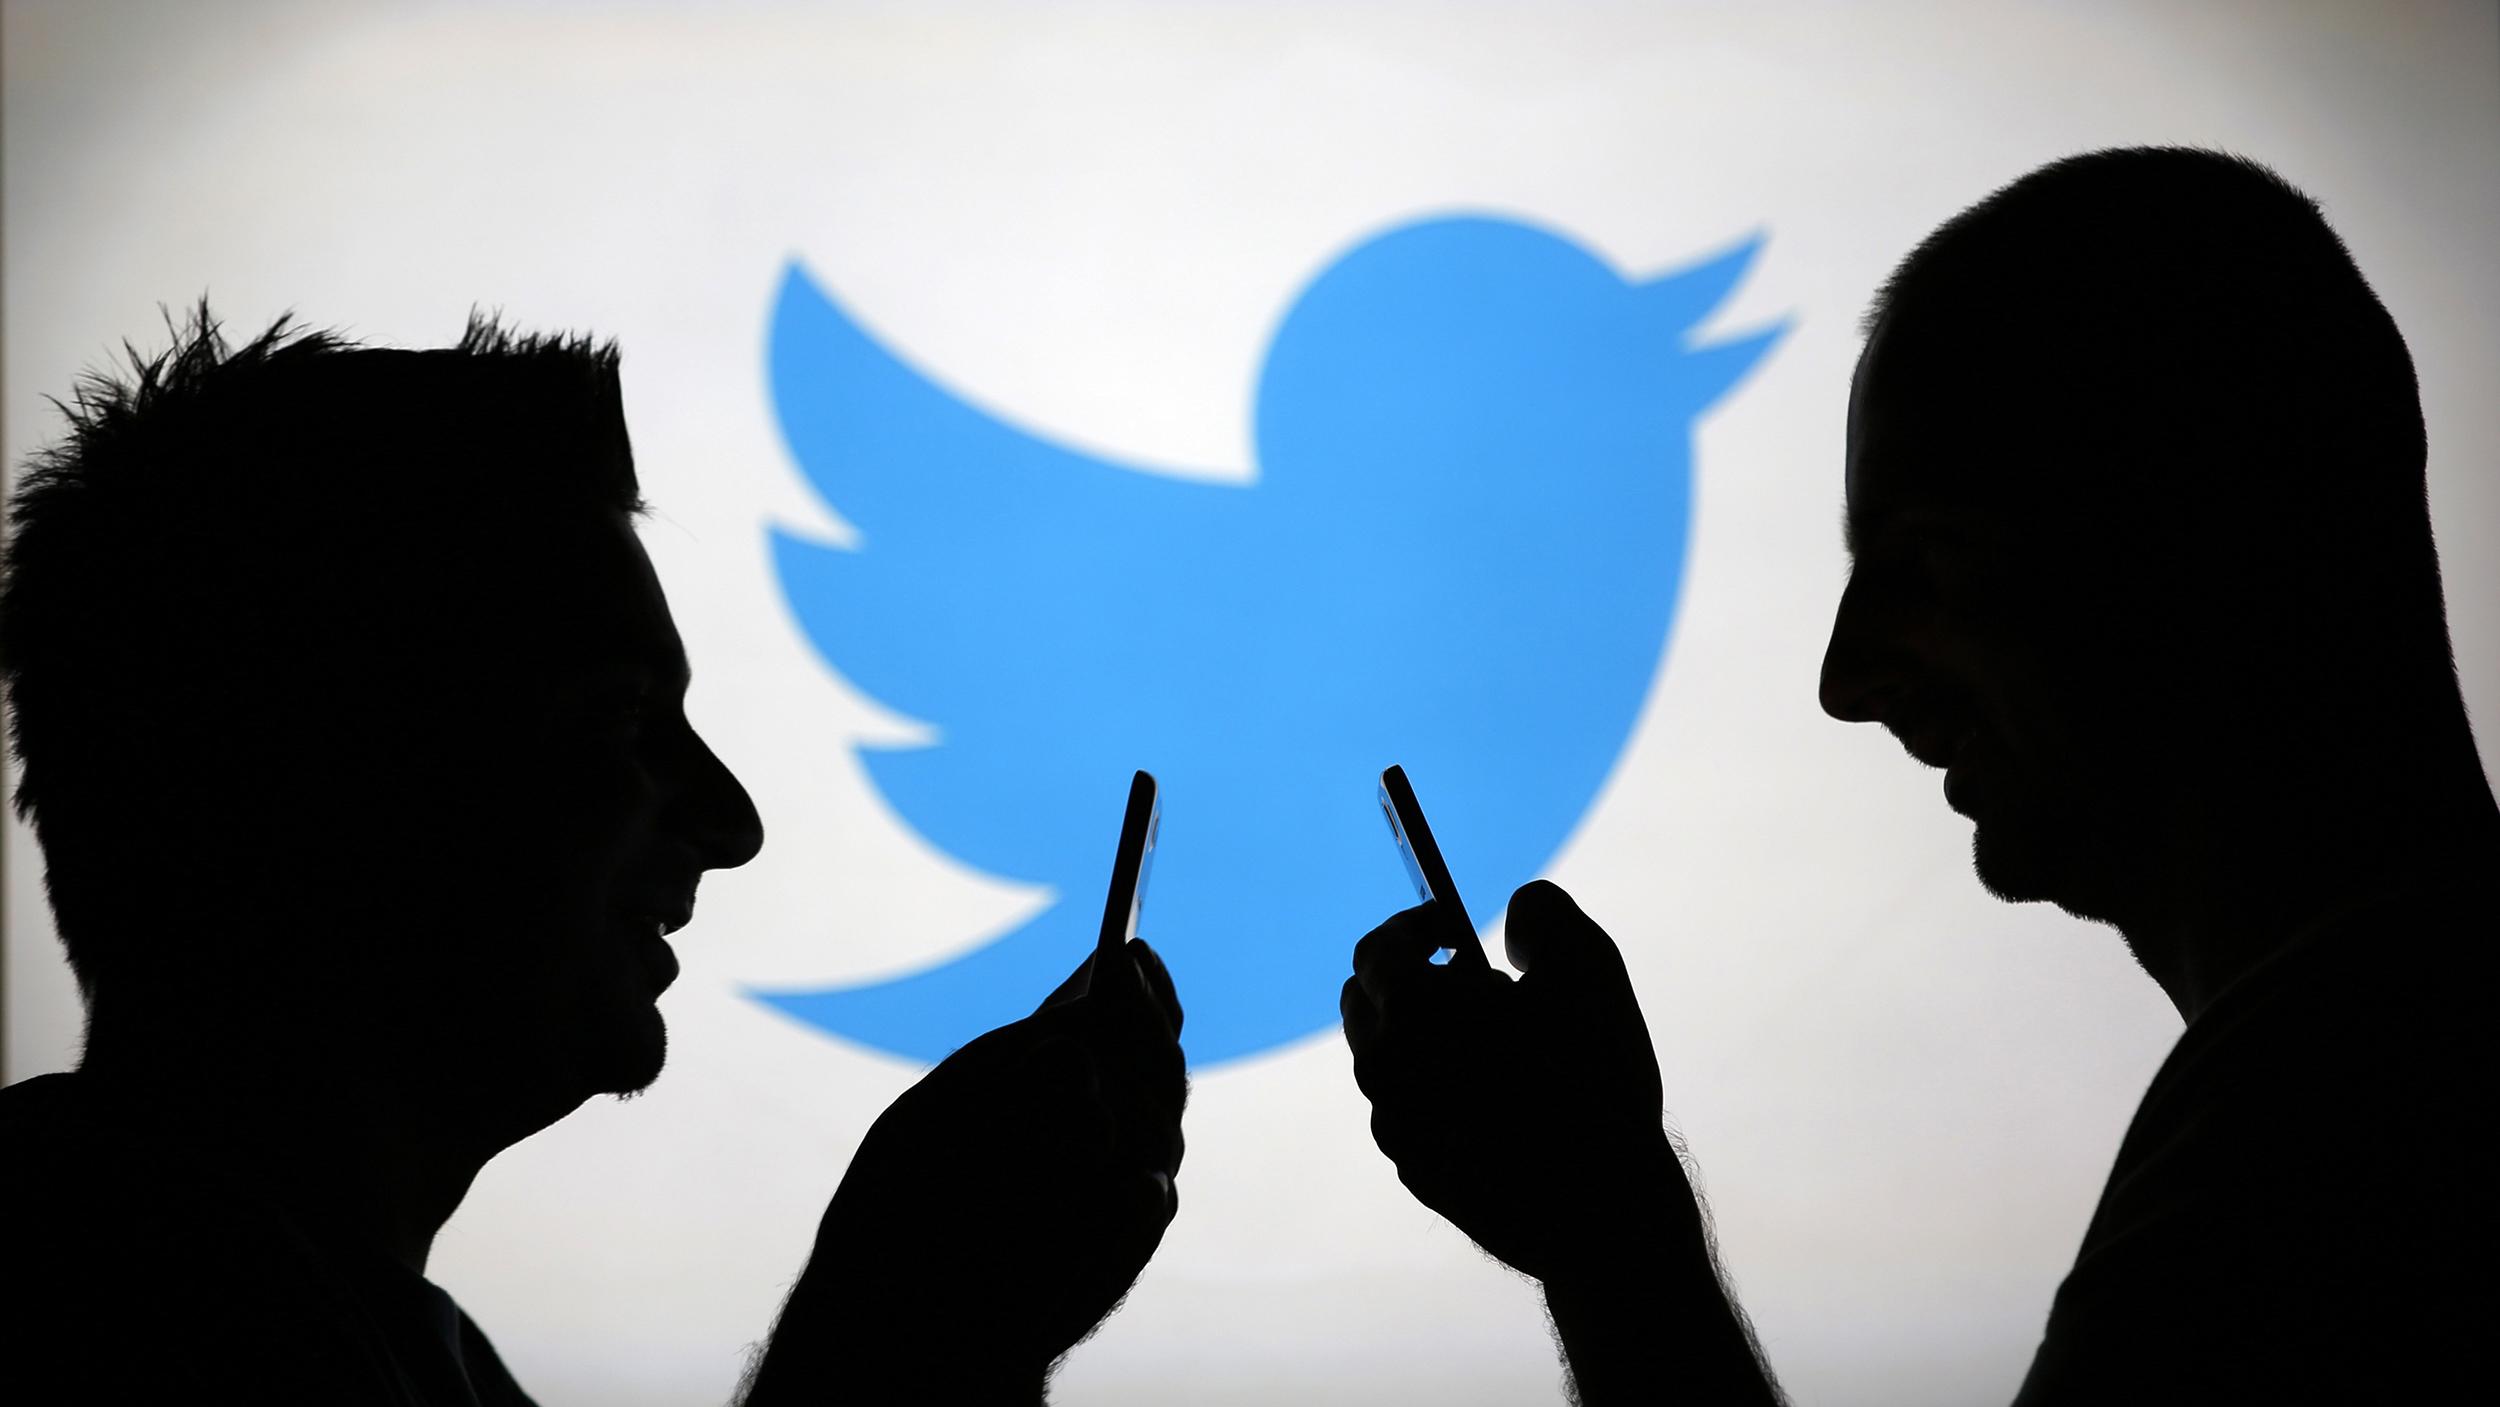 Twitter onaylı hesap uygulamasını durdurdu